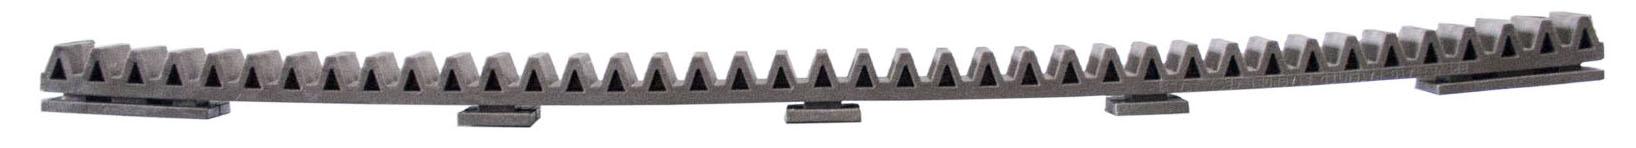 zahnstange stahl torantrieb schiebetor antrieb kunststoff metall zahnstangen ebay. Black Bedroom Furniture Sets. Home Design Ideas